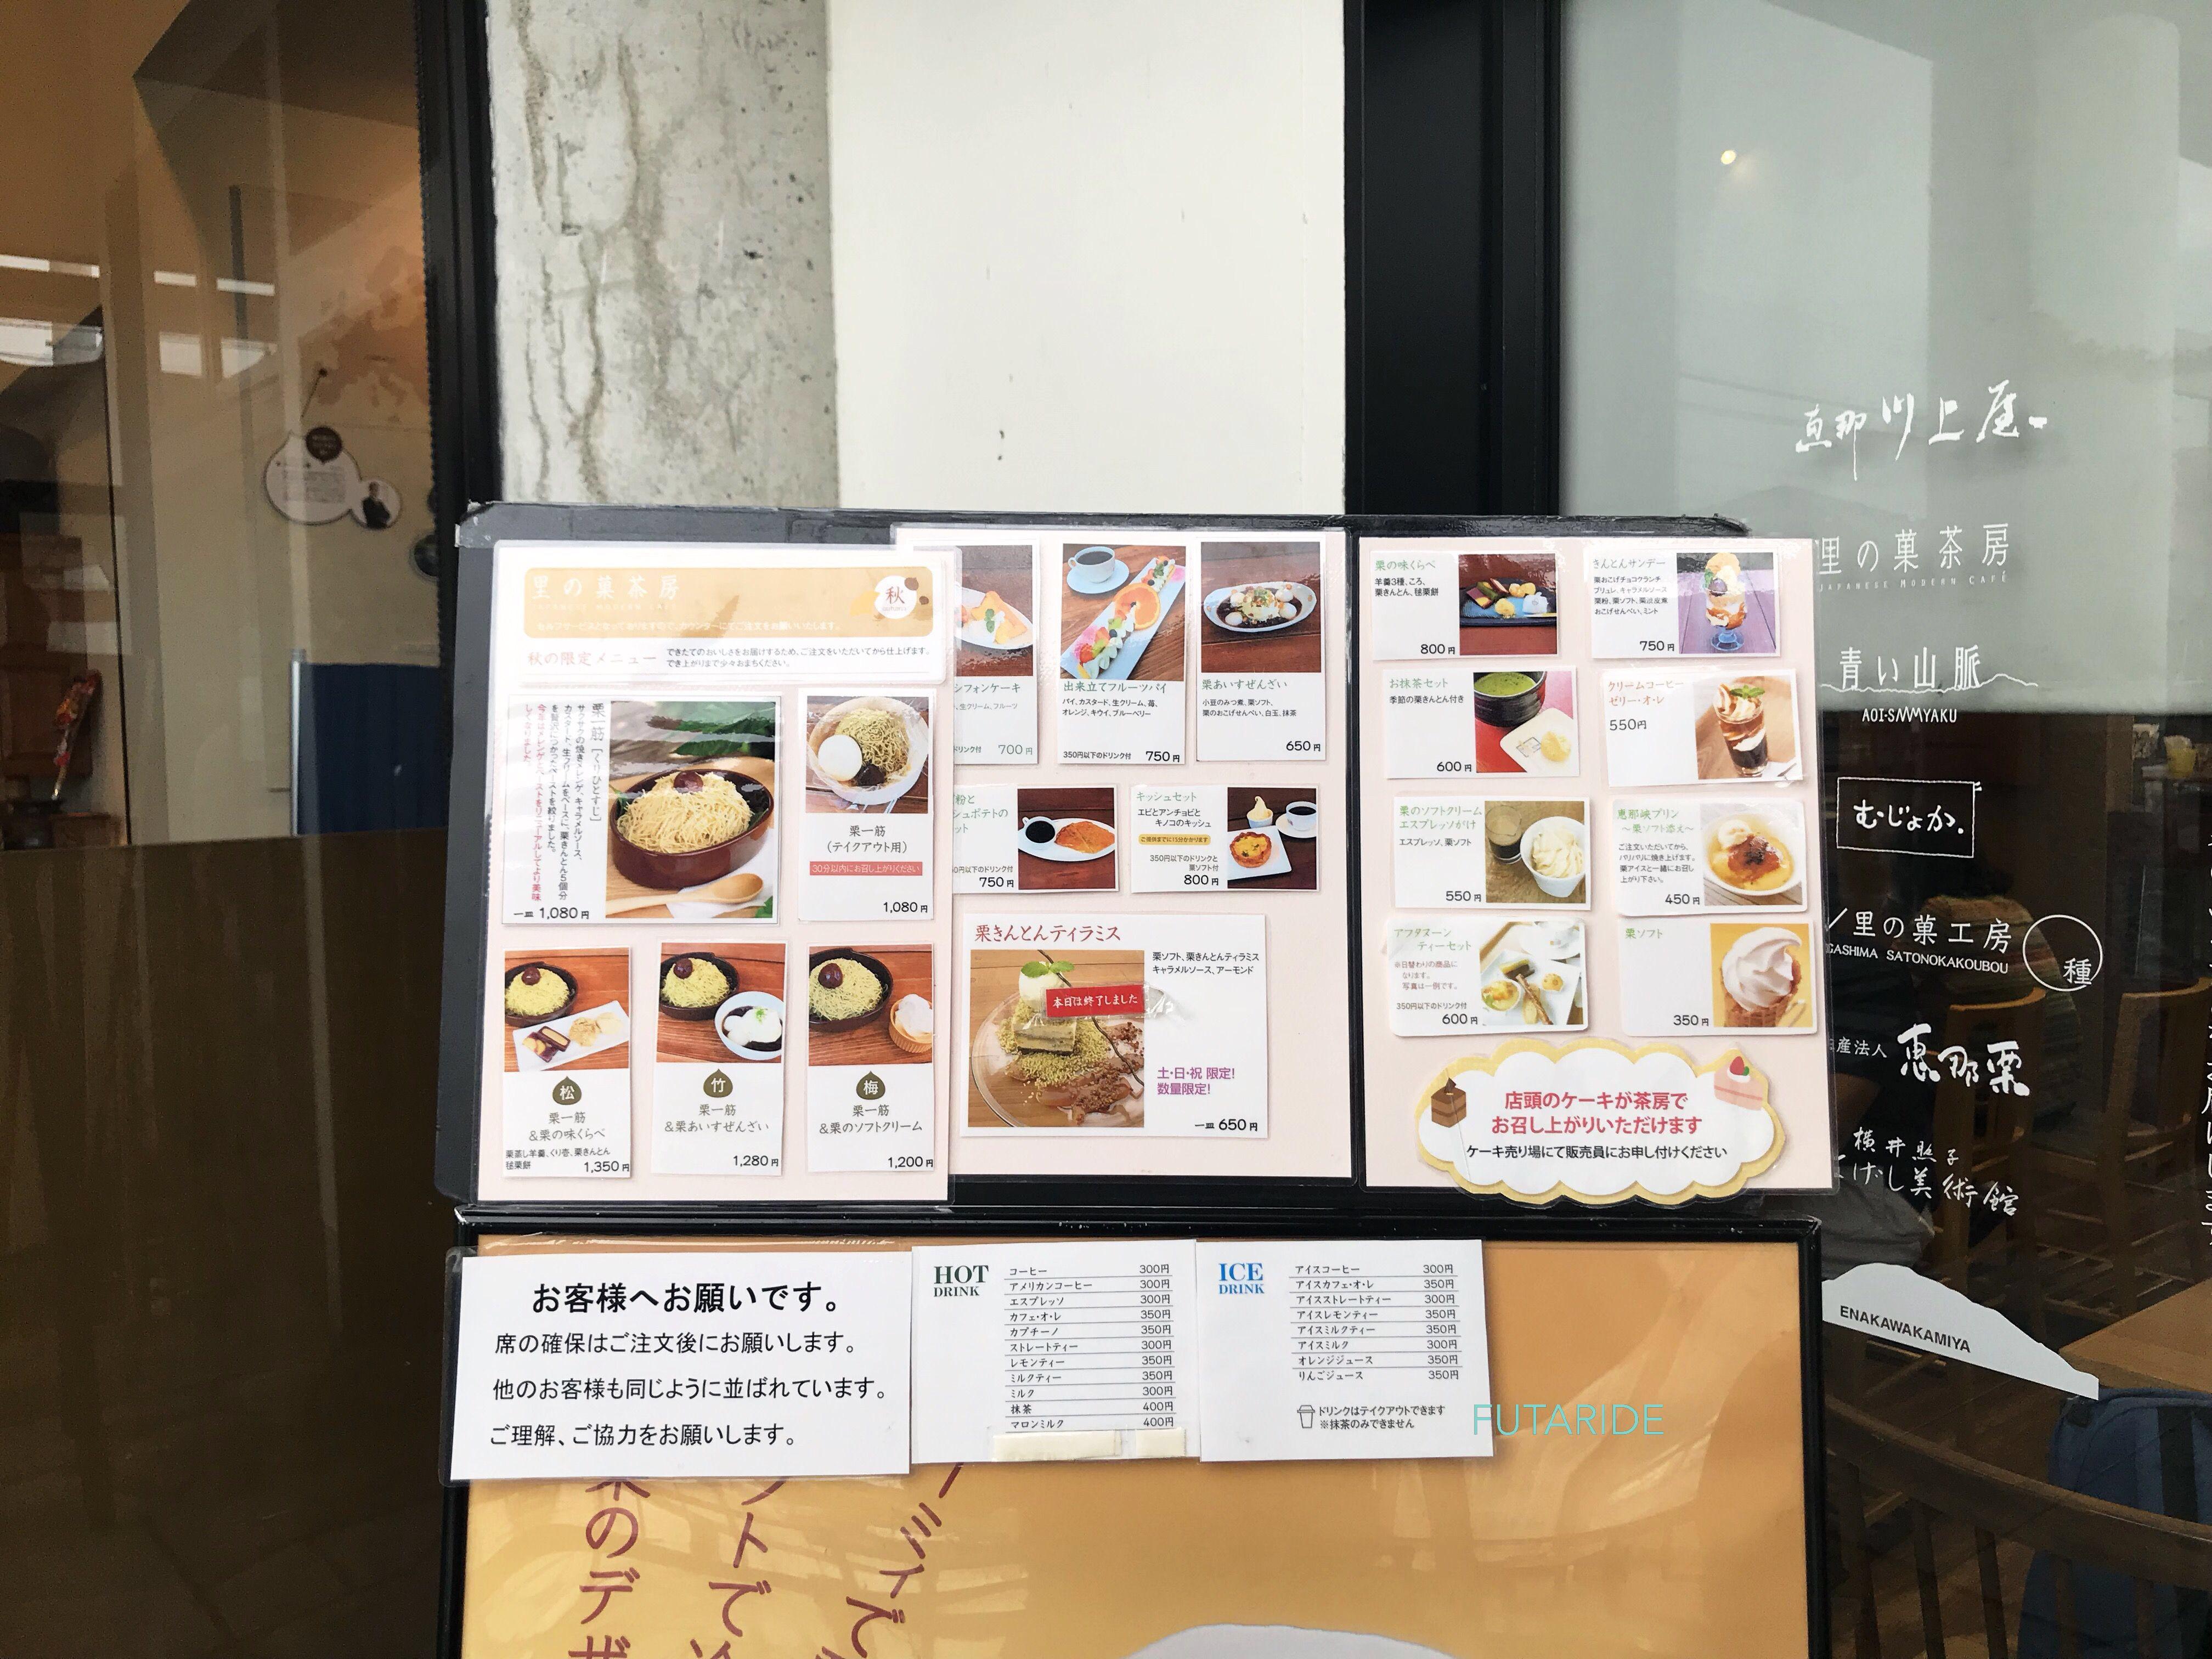 恵那川上屋メニュー